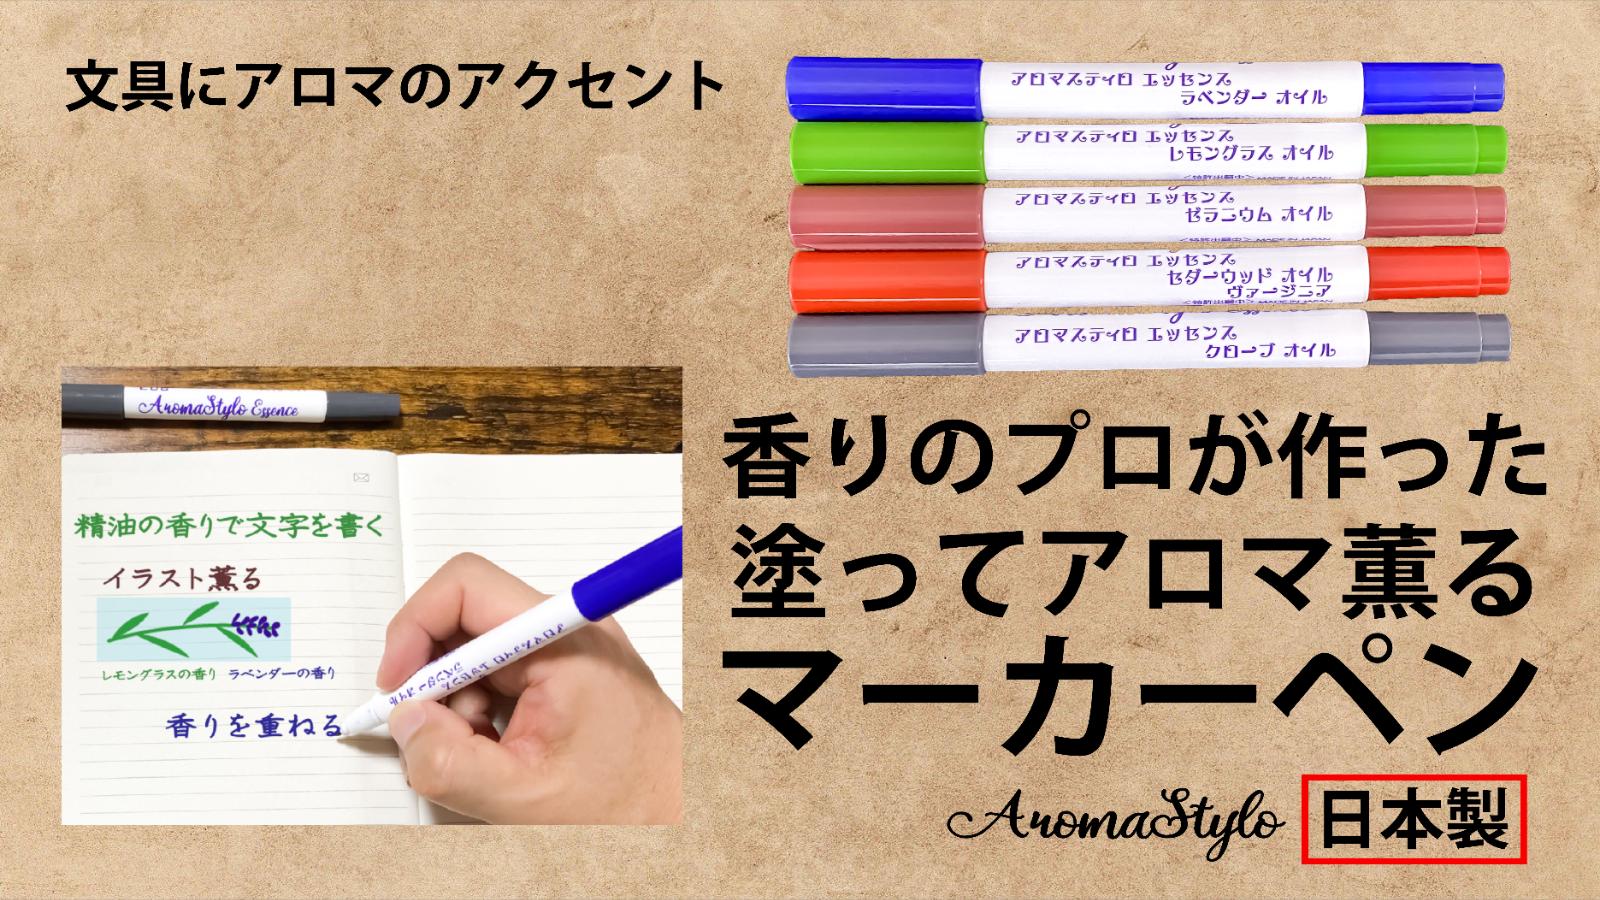 アロマスティロ エッセンス 精油5つの香り9月15日一般発売開始しました